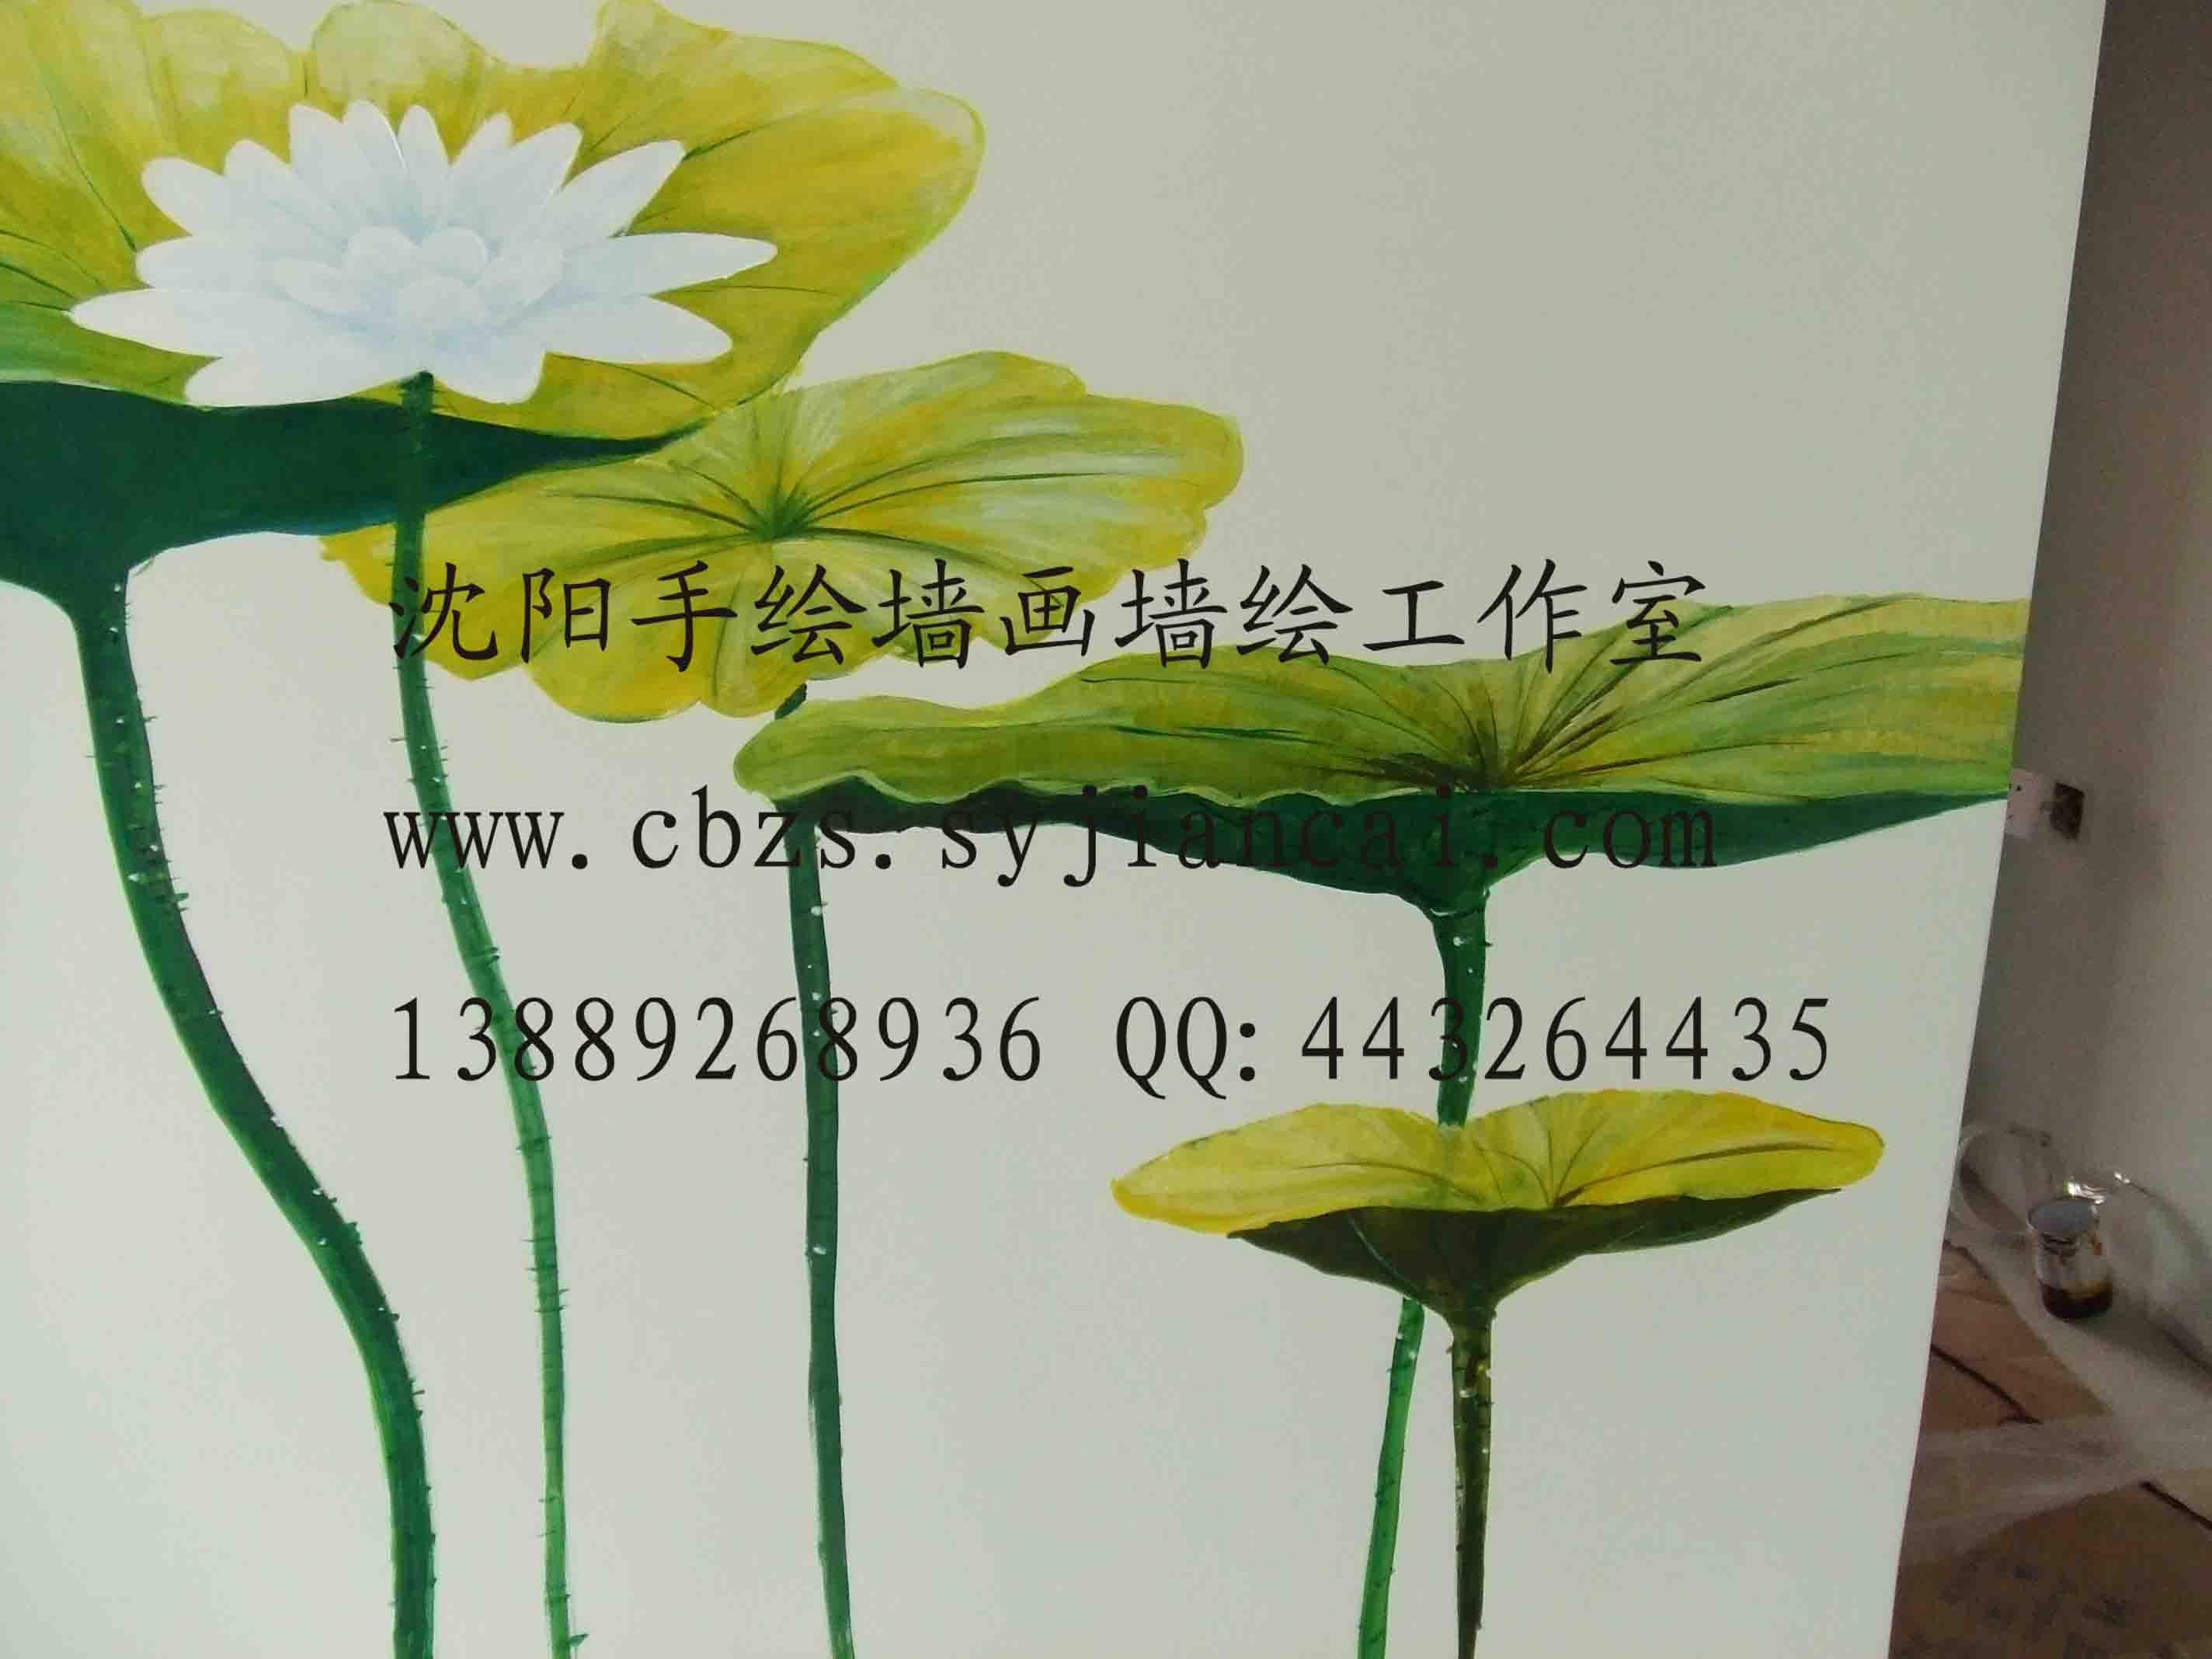 沈阳墙画|沈阳手绘墙画|沈阳手绘墙|沈阳手绘背景墙